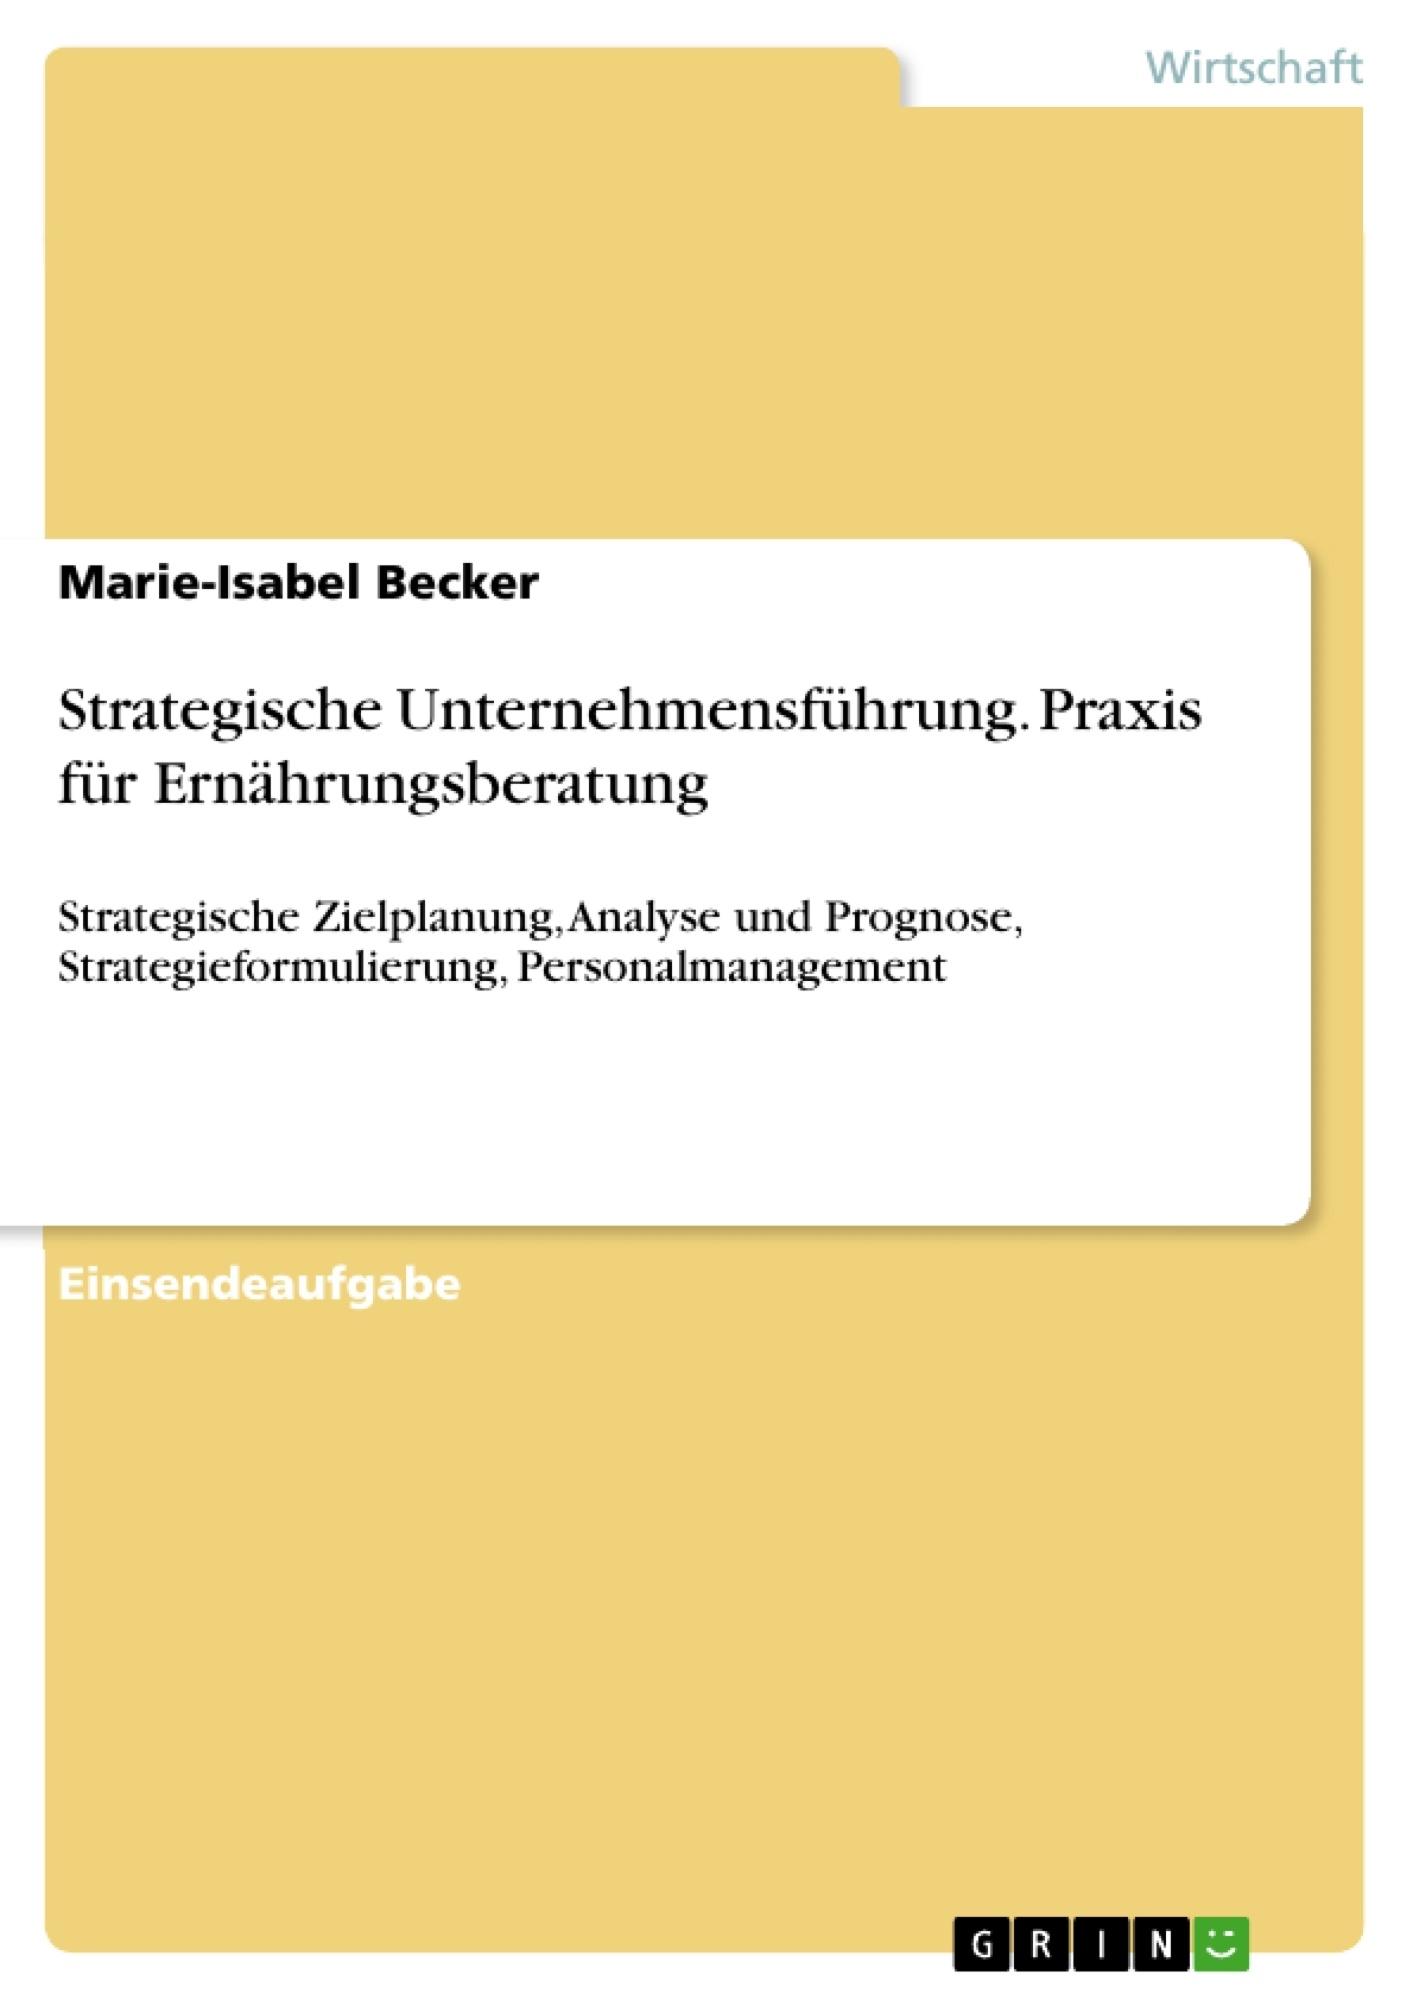 Titel: Strategische Unternehmensführung. Praxis für Ernährungsberatung